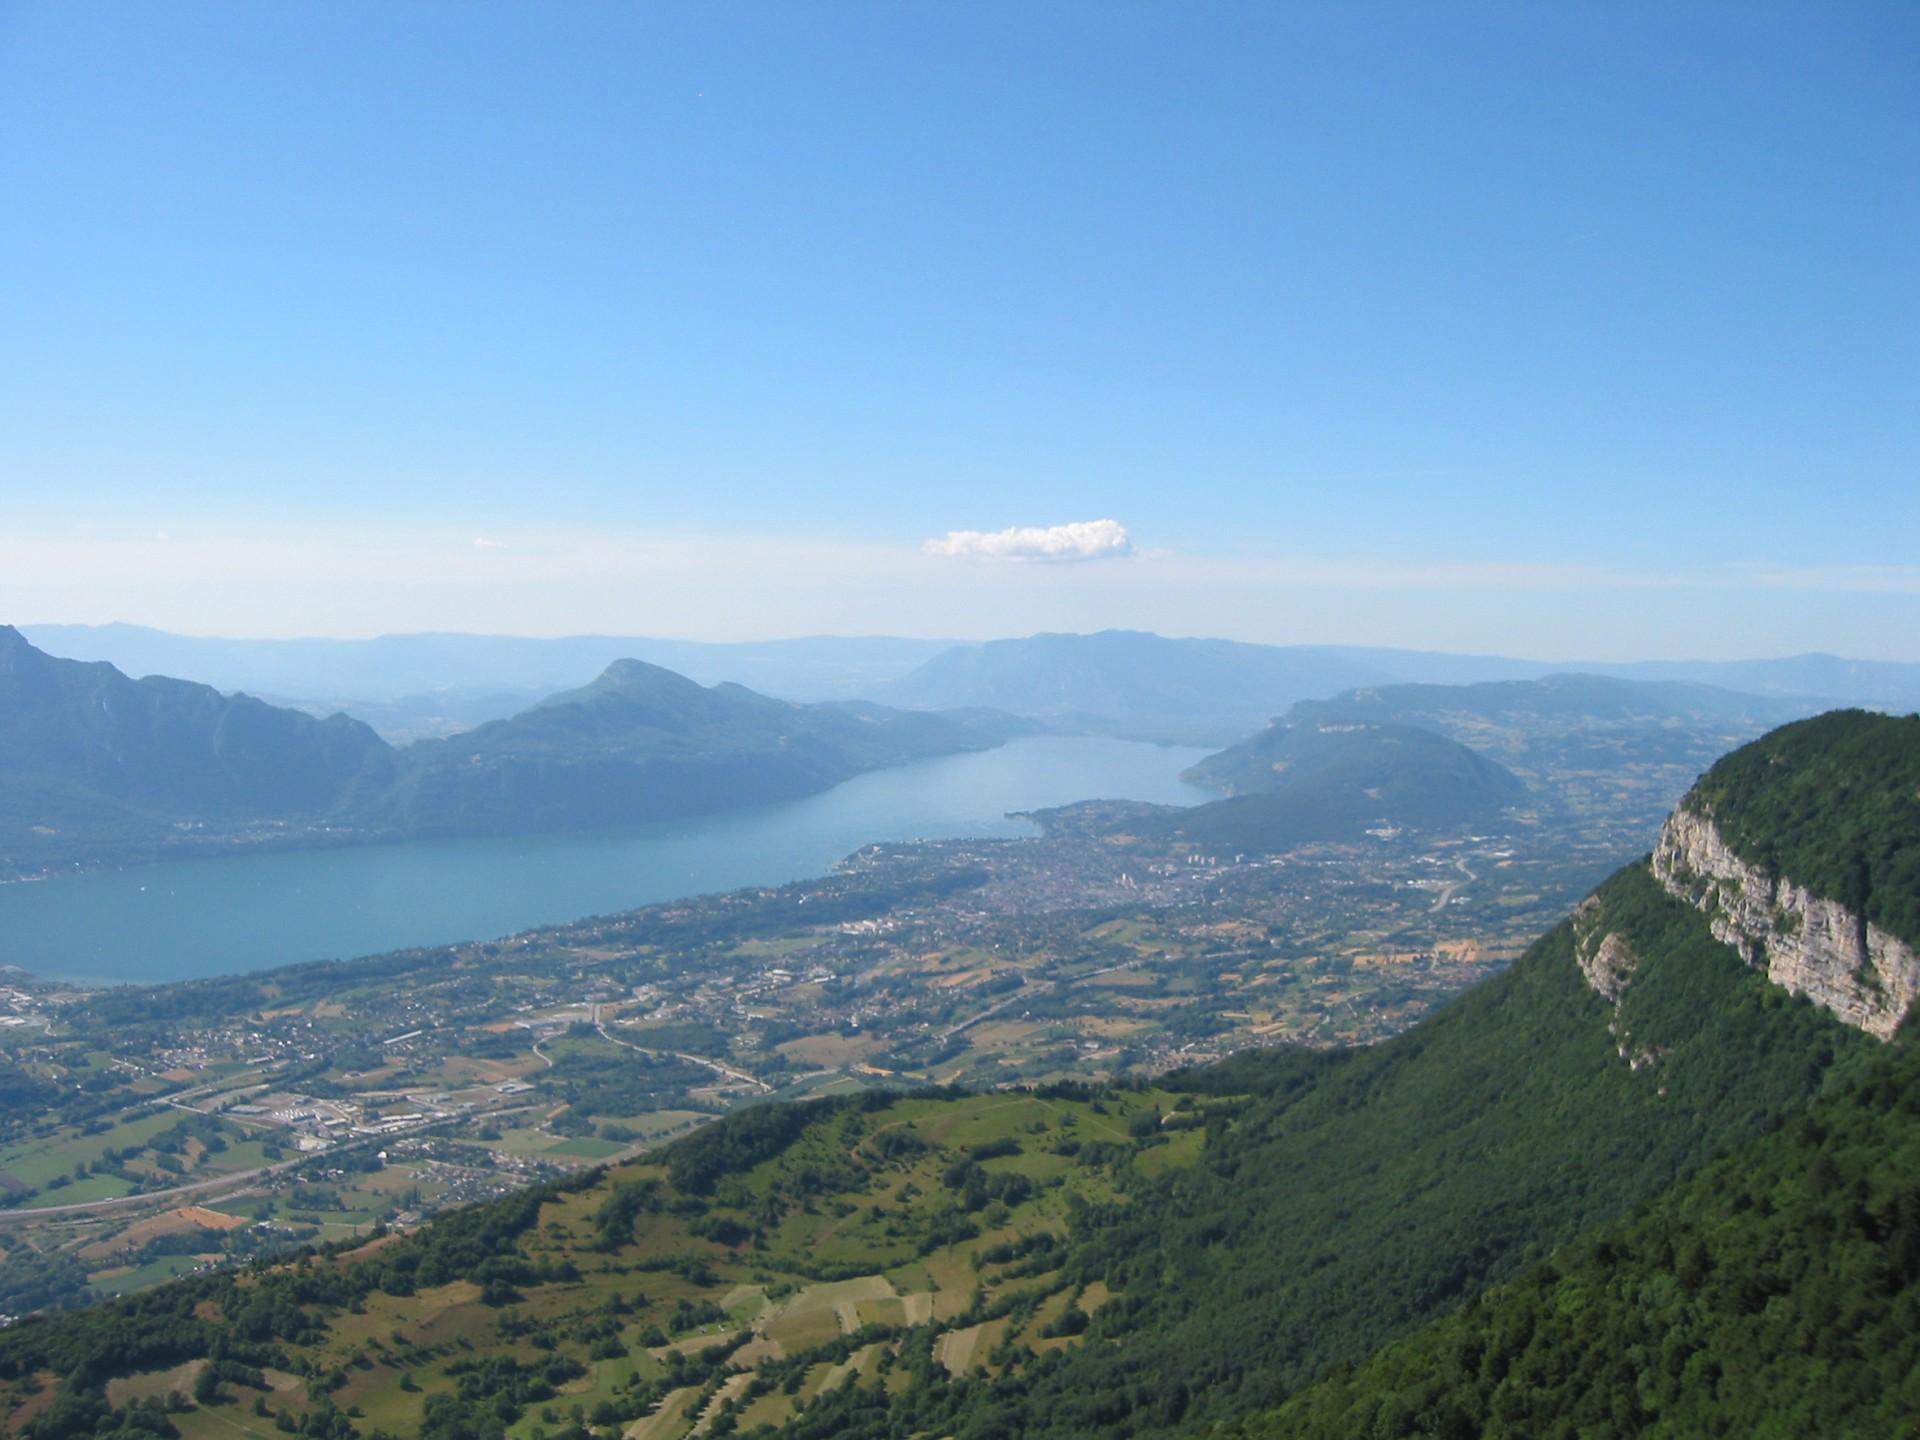 vue-sur-le-lac-du-bourget-depuis-le-revard-459